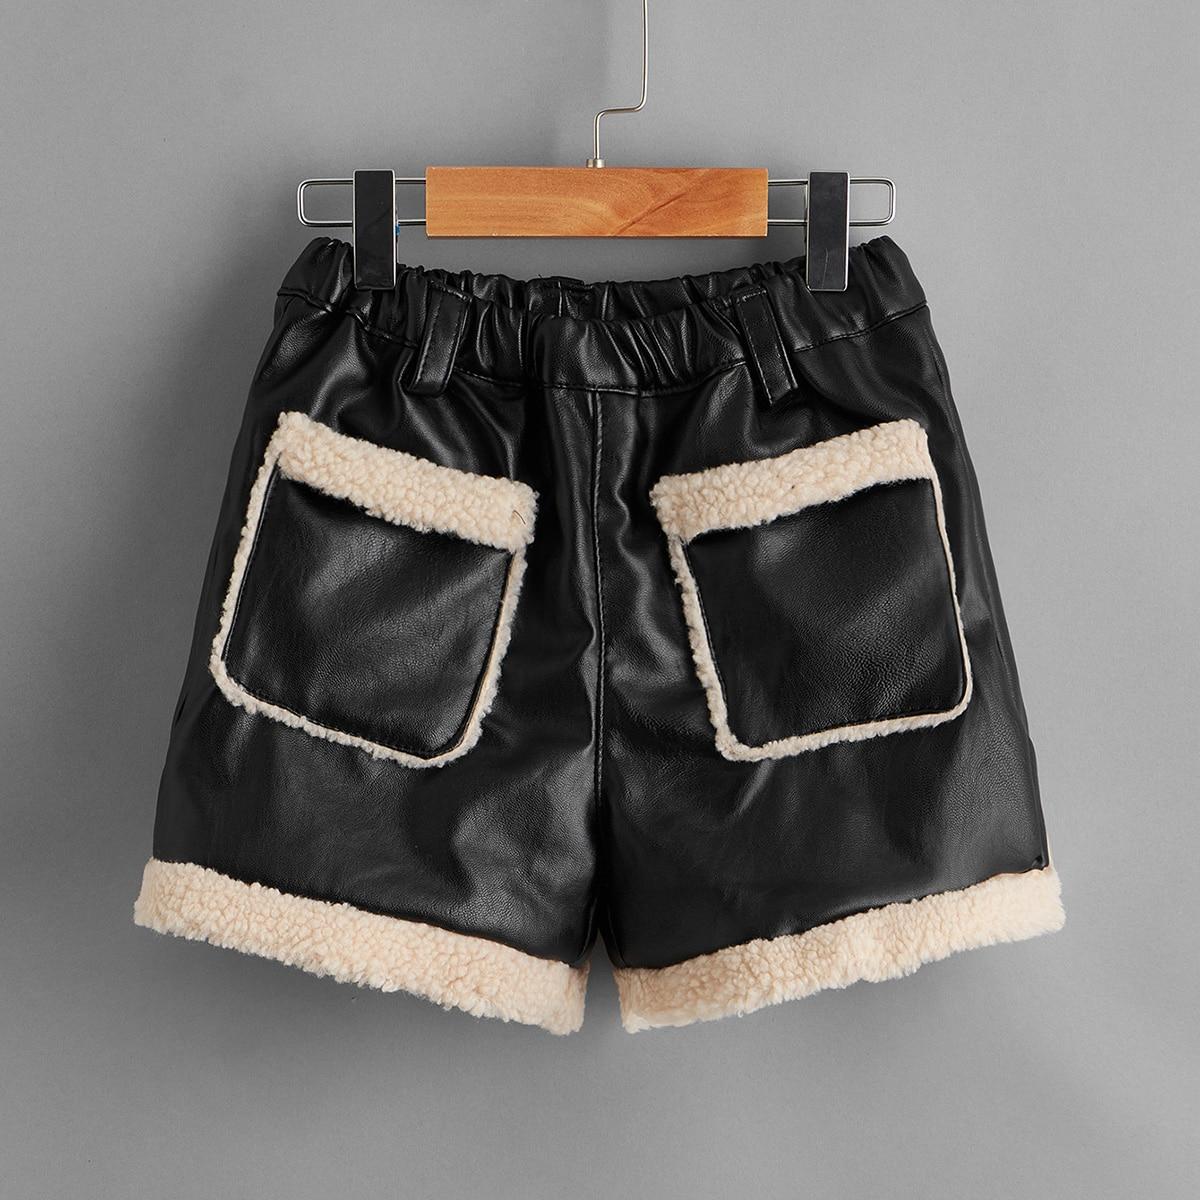 Карман повседневный шорты для девочек